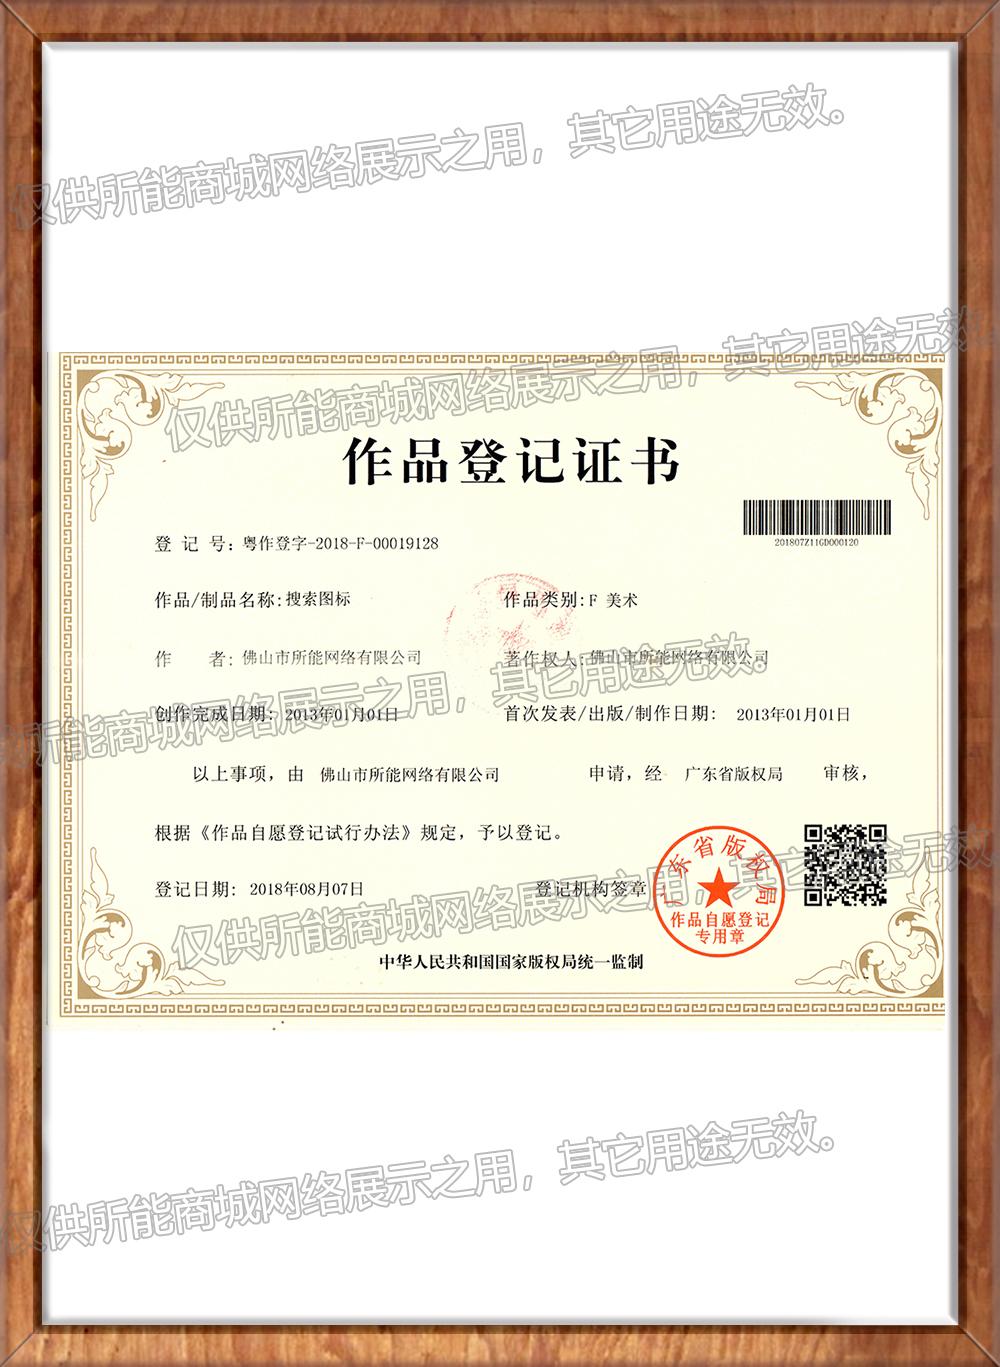 《搜索图标》作品登记证书